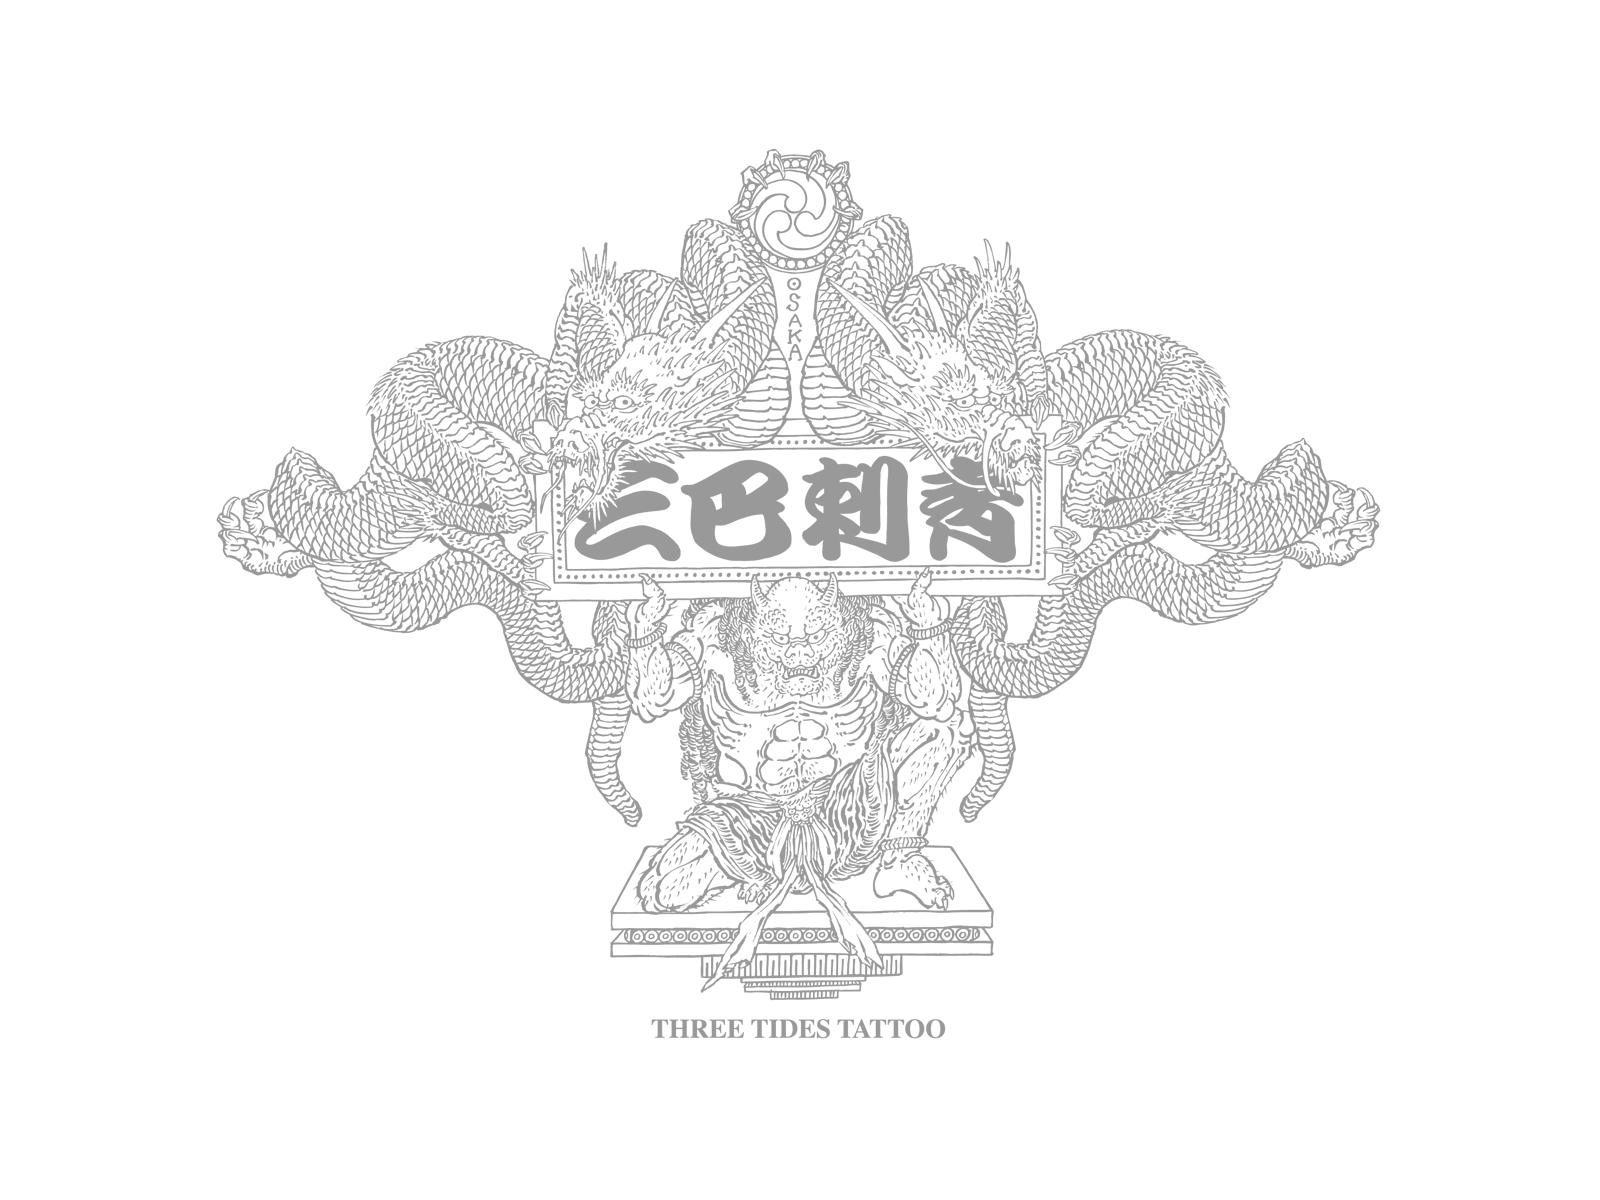 Wallpaper 壁紙 三巴彫 スリータイズ タトゥー Three Tides Tattoo 三巴刺青 大阪 東京